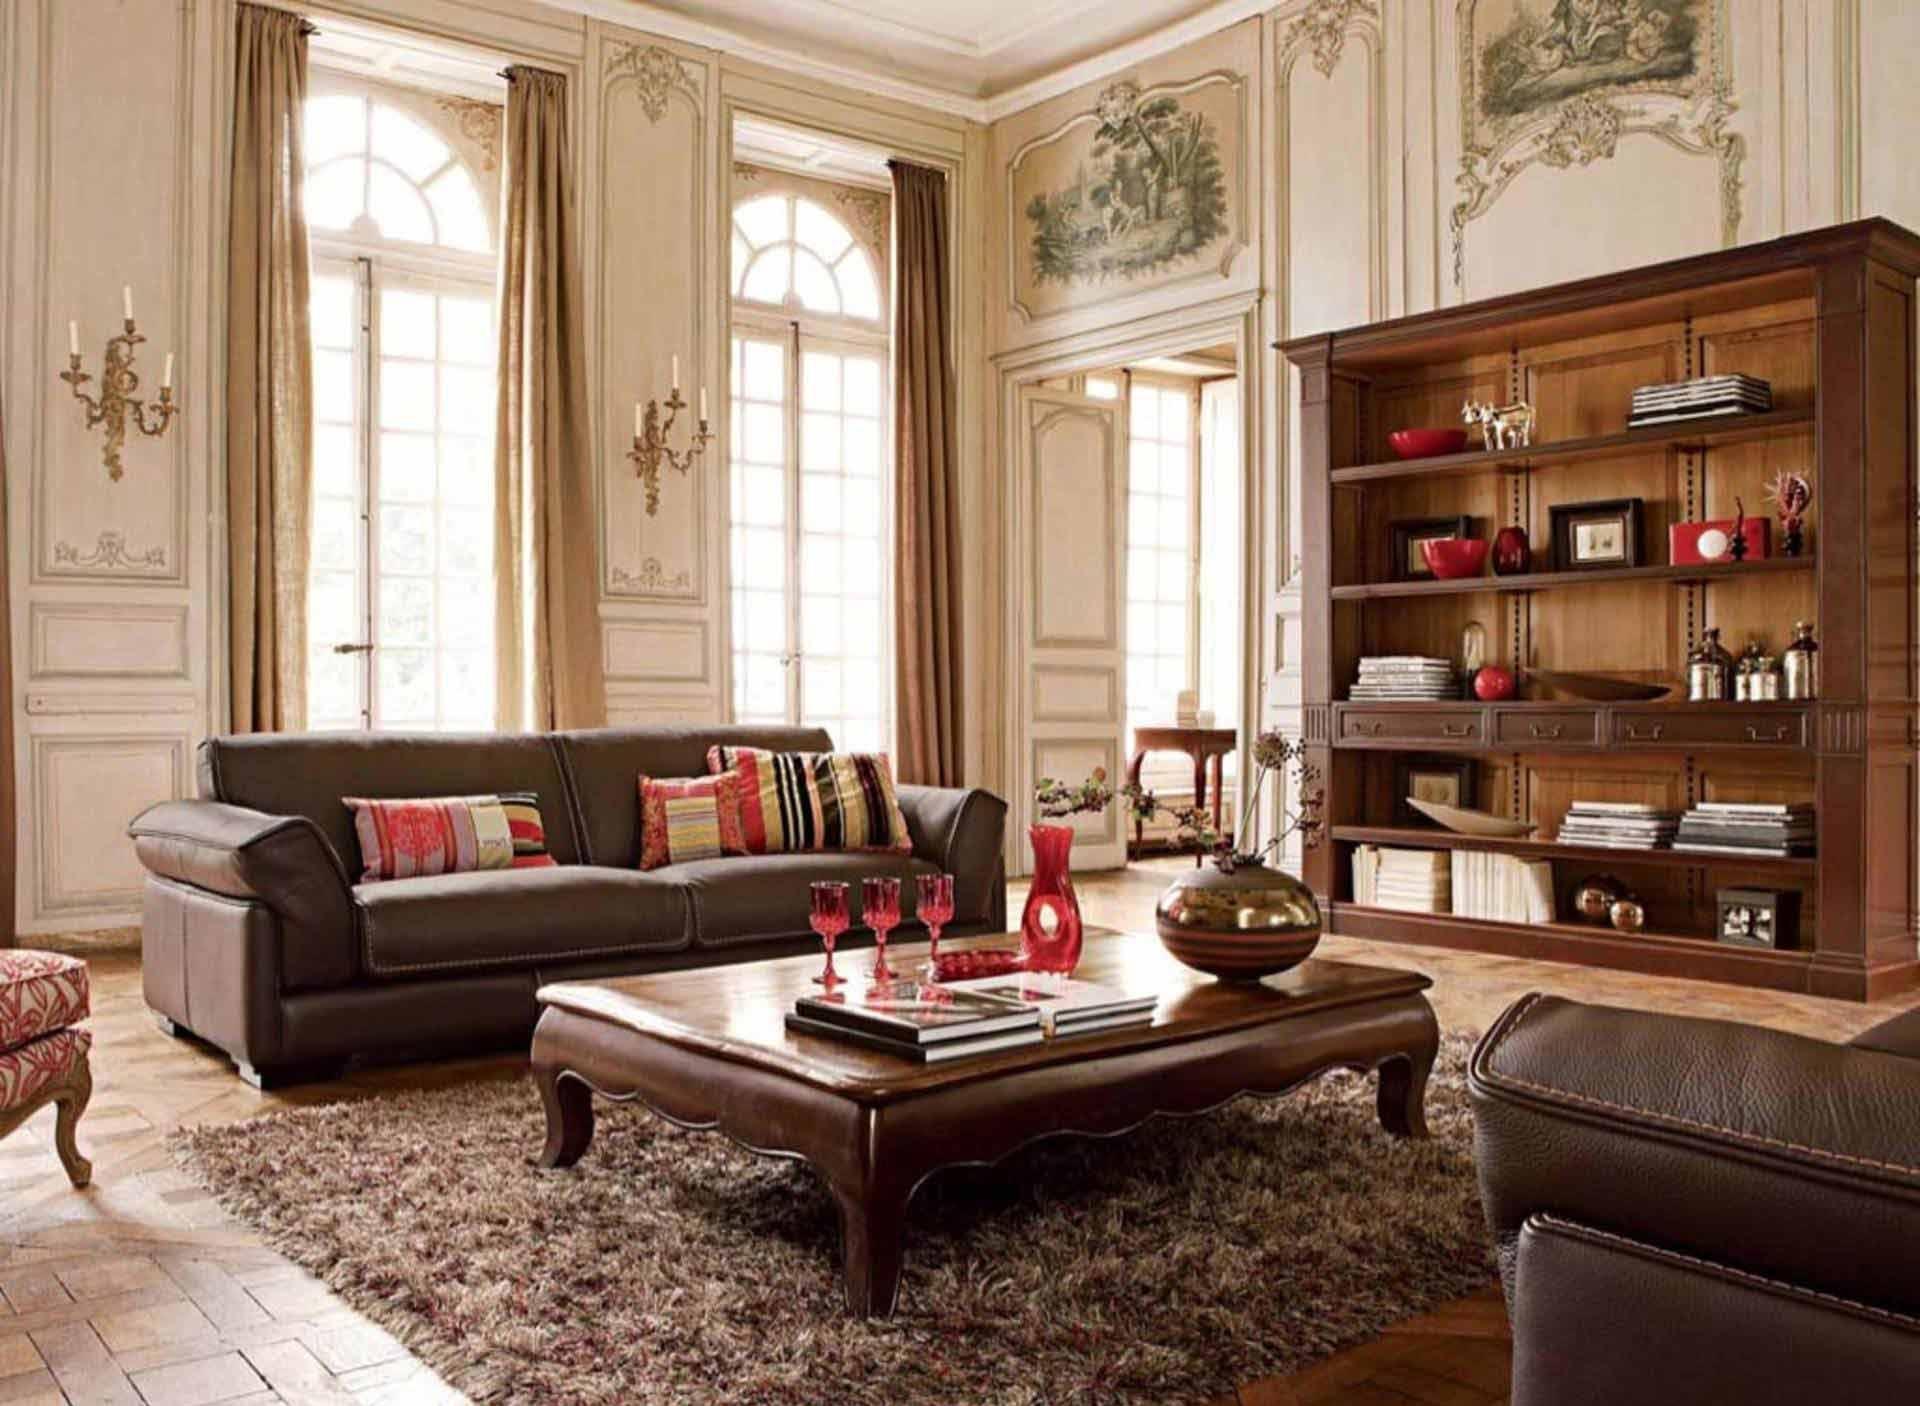 Бежево-коричневая гостиная в классическом стиле